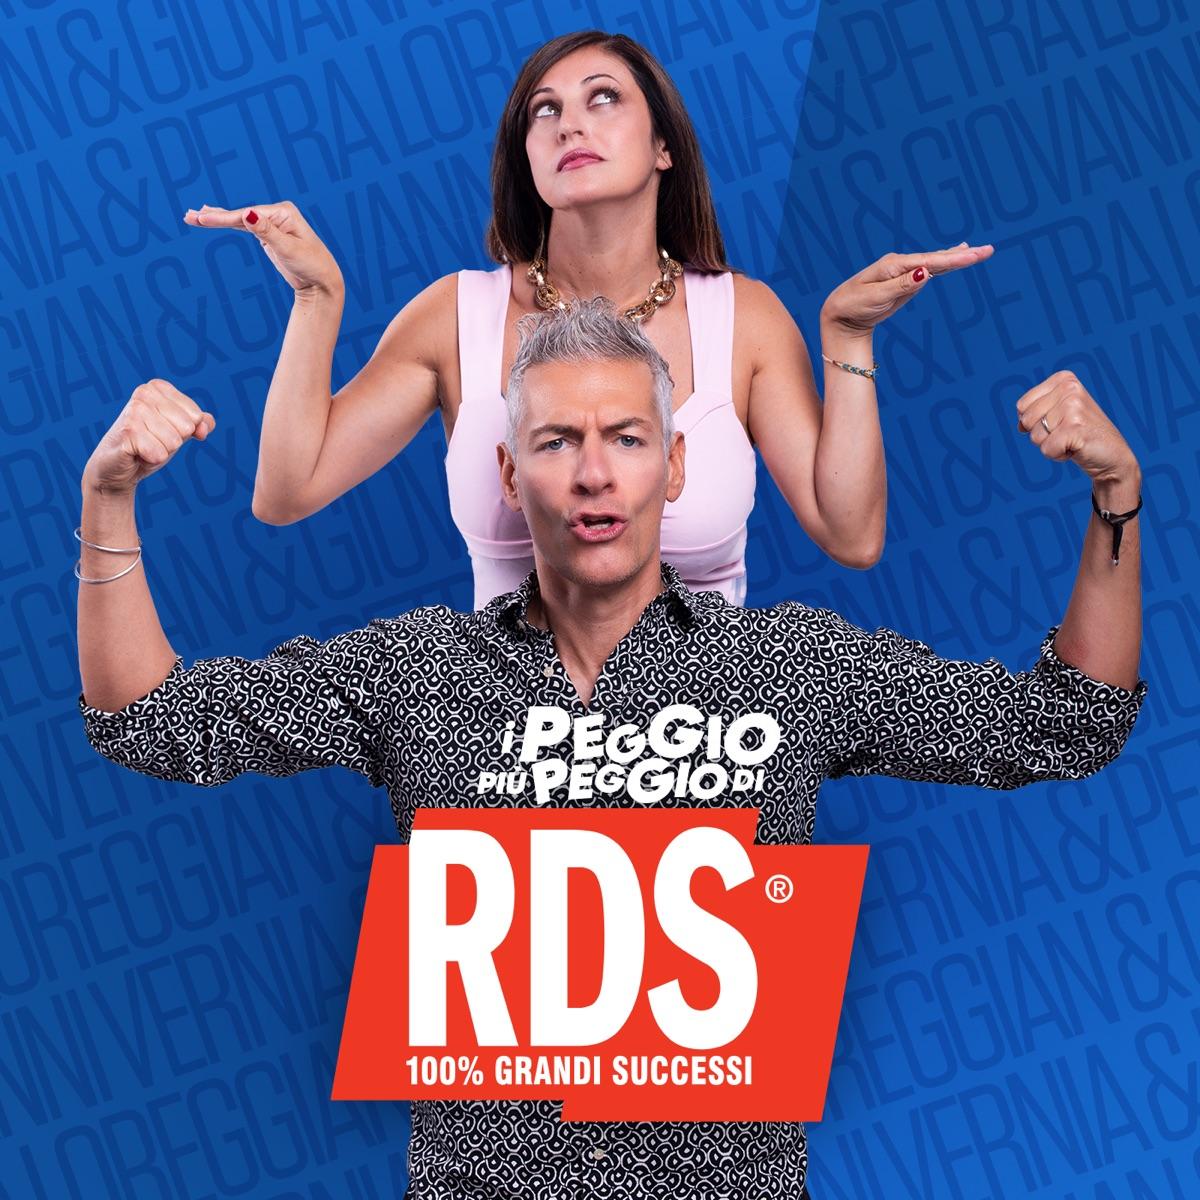 I peggio più peggio di RDS con Giovanni Vernia e Petra Loreggian